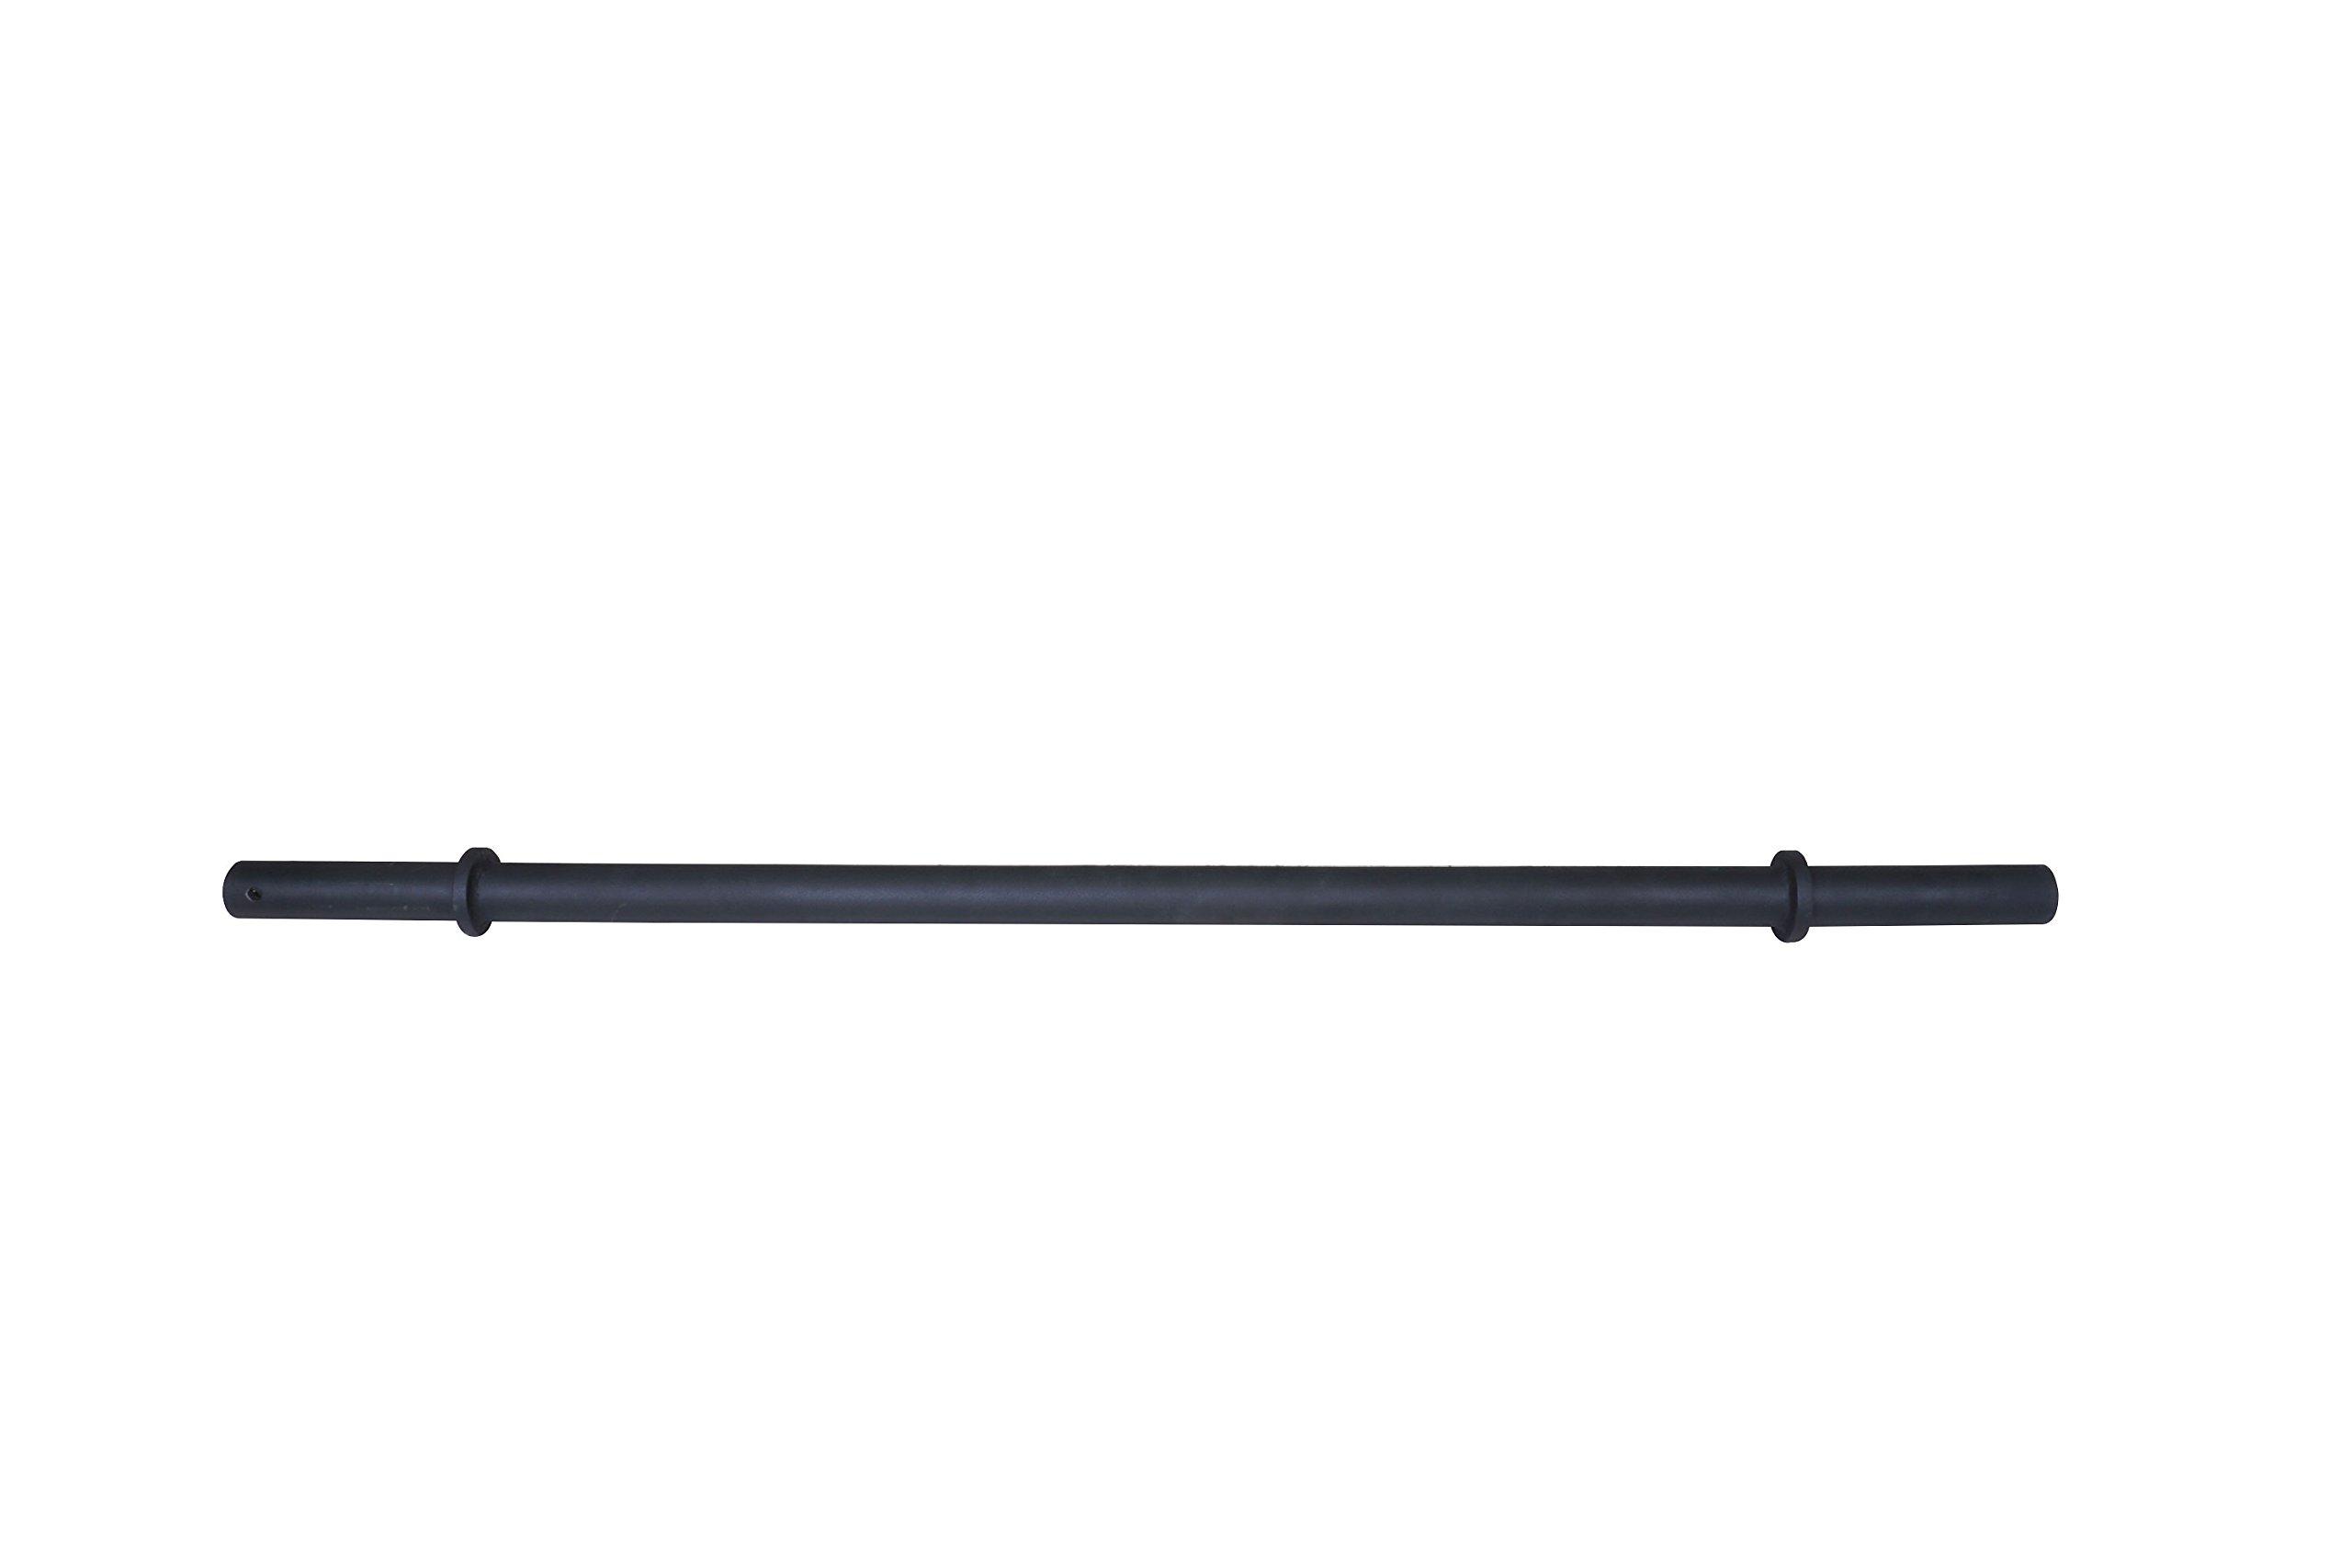 Titan 60'' Axle Barbell 21.5LB Fat Bar by Titan Fitness